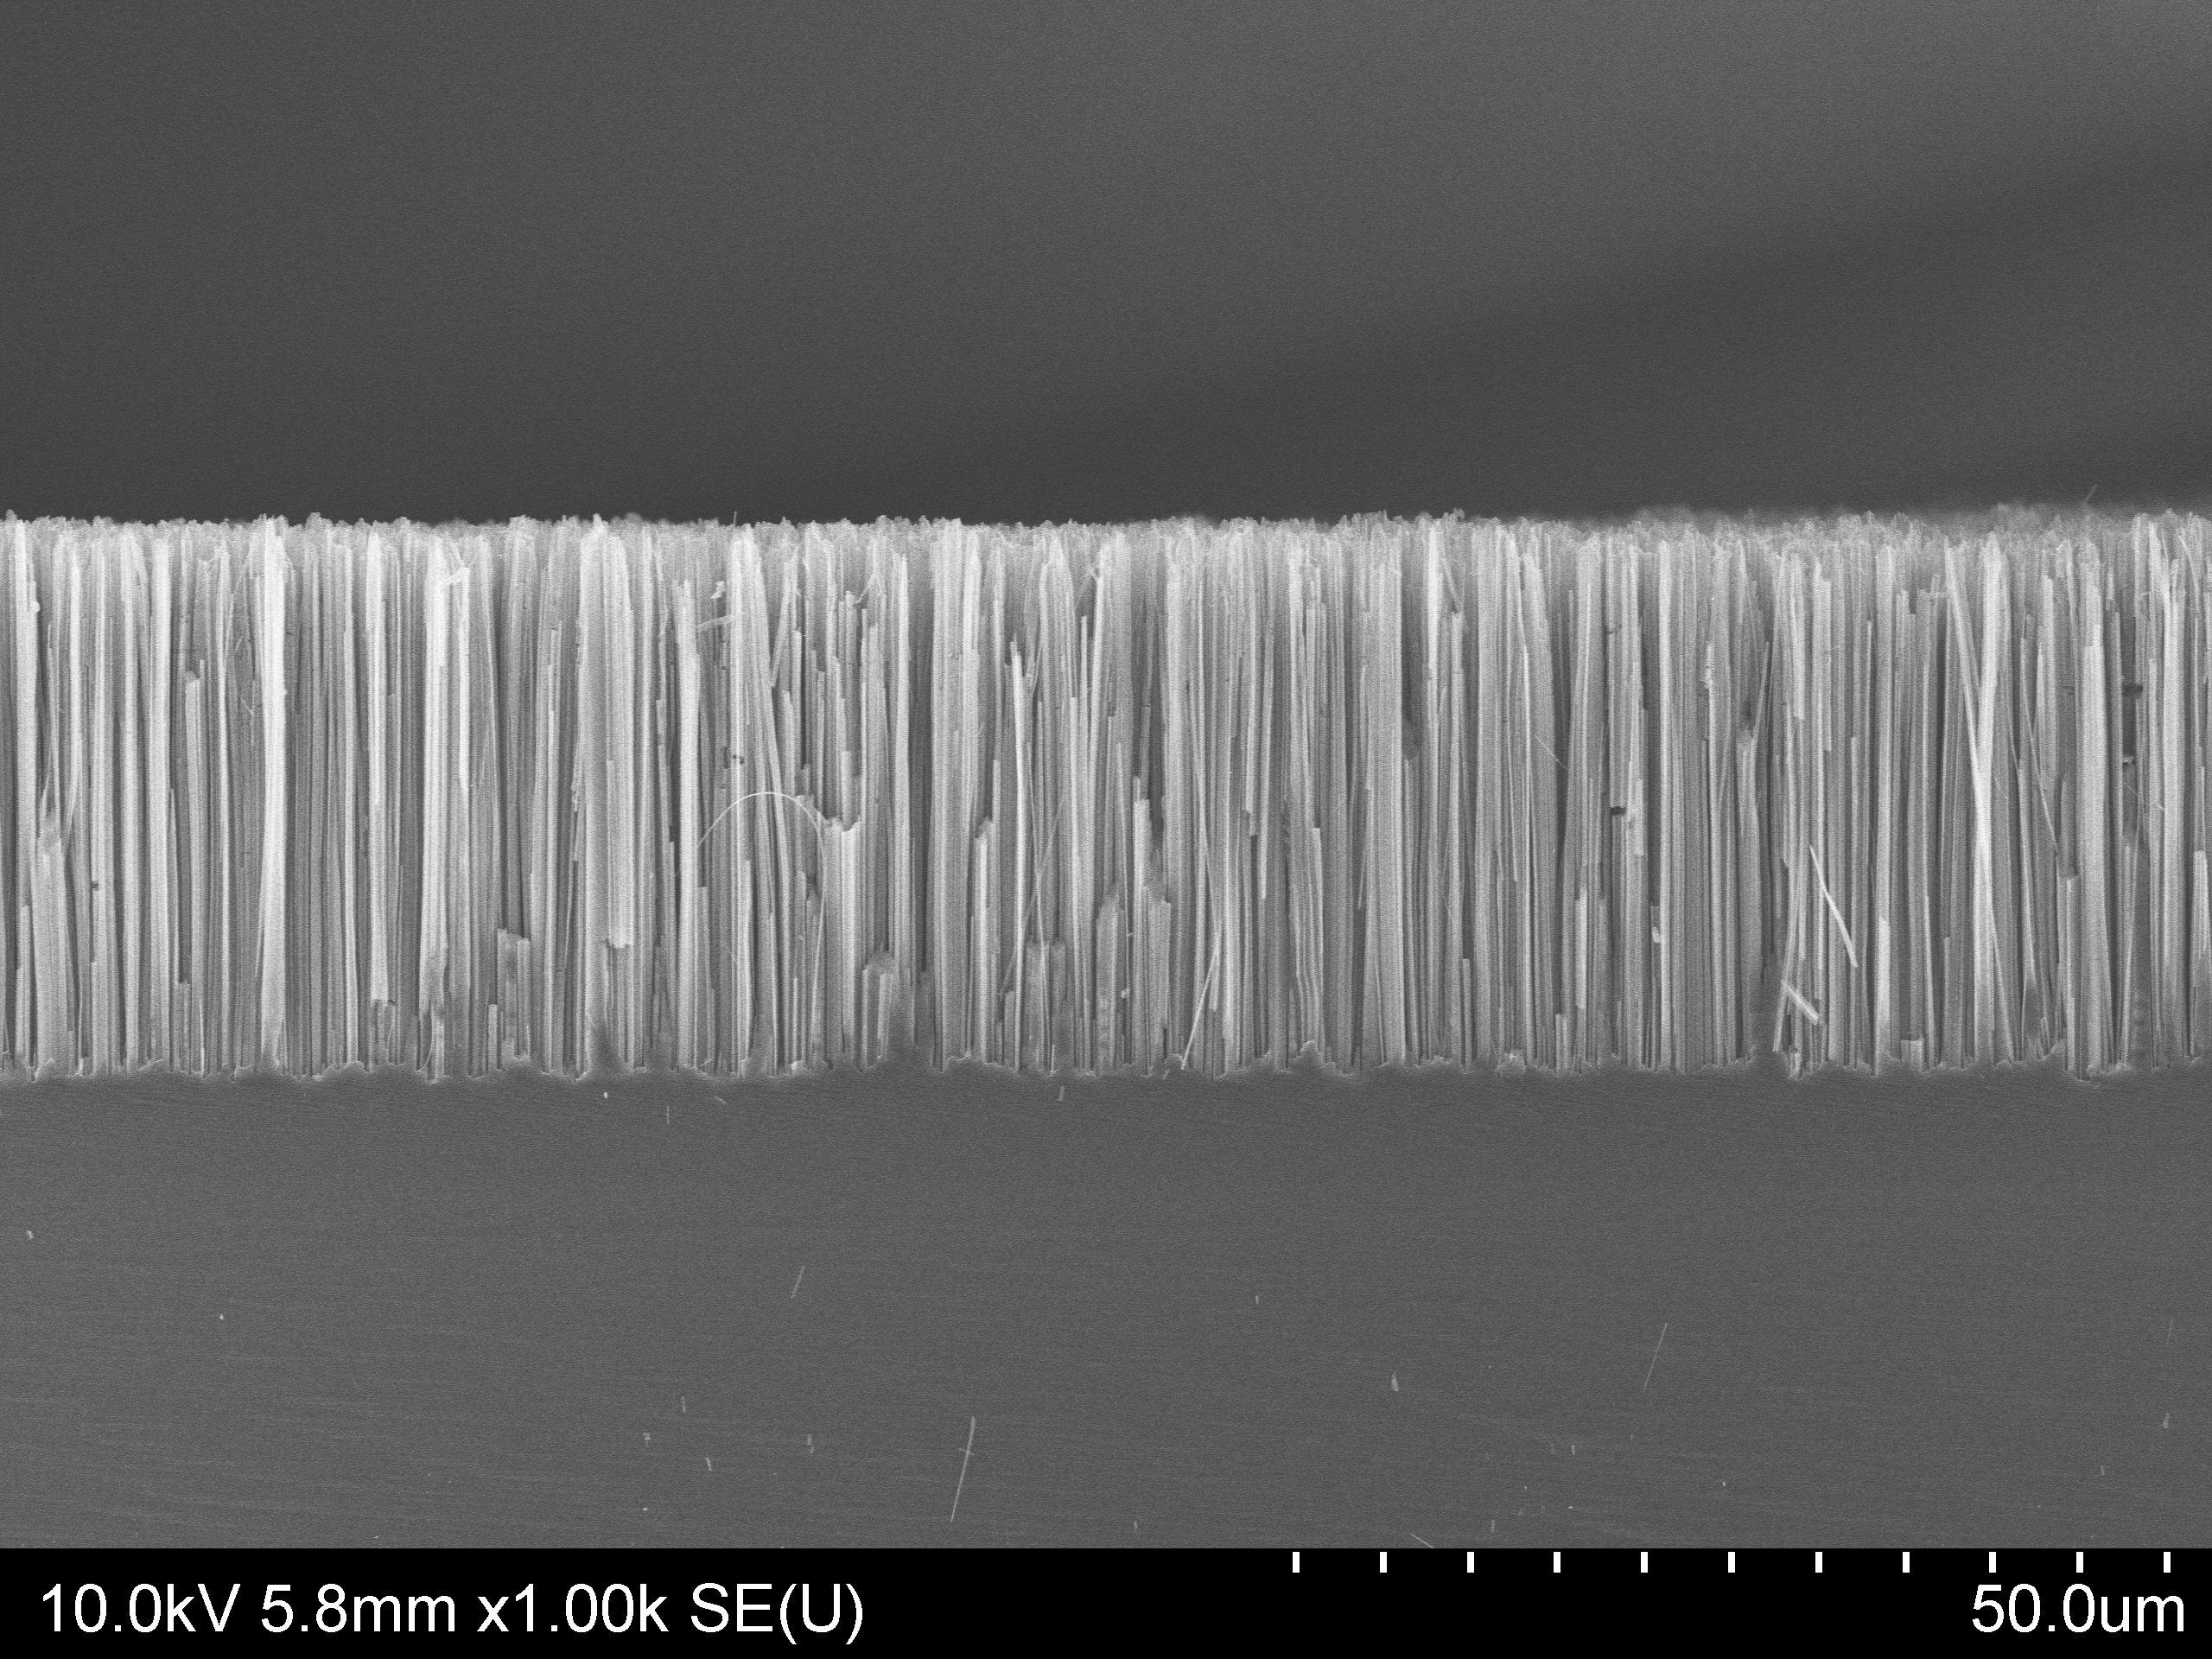 Silicon Nanowires